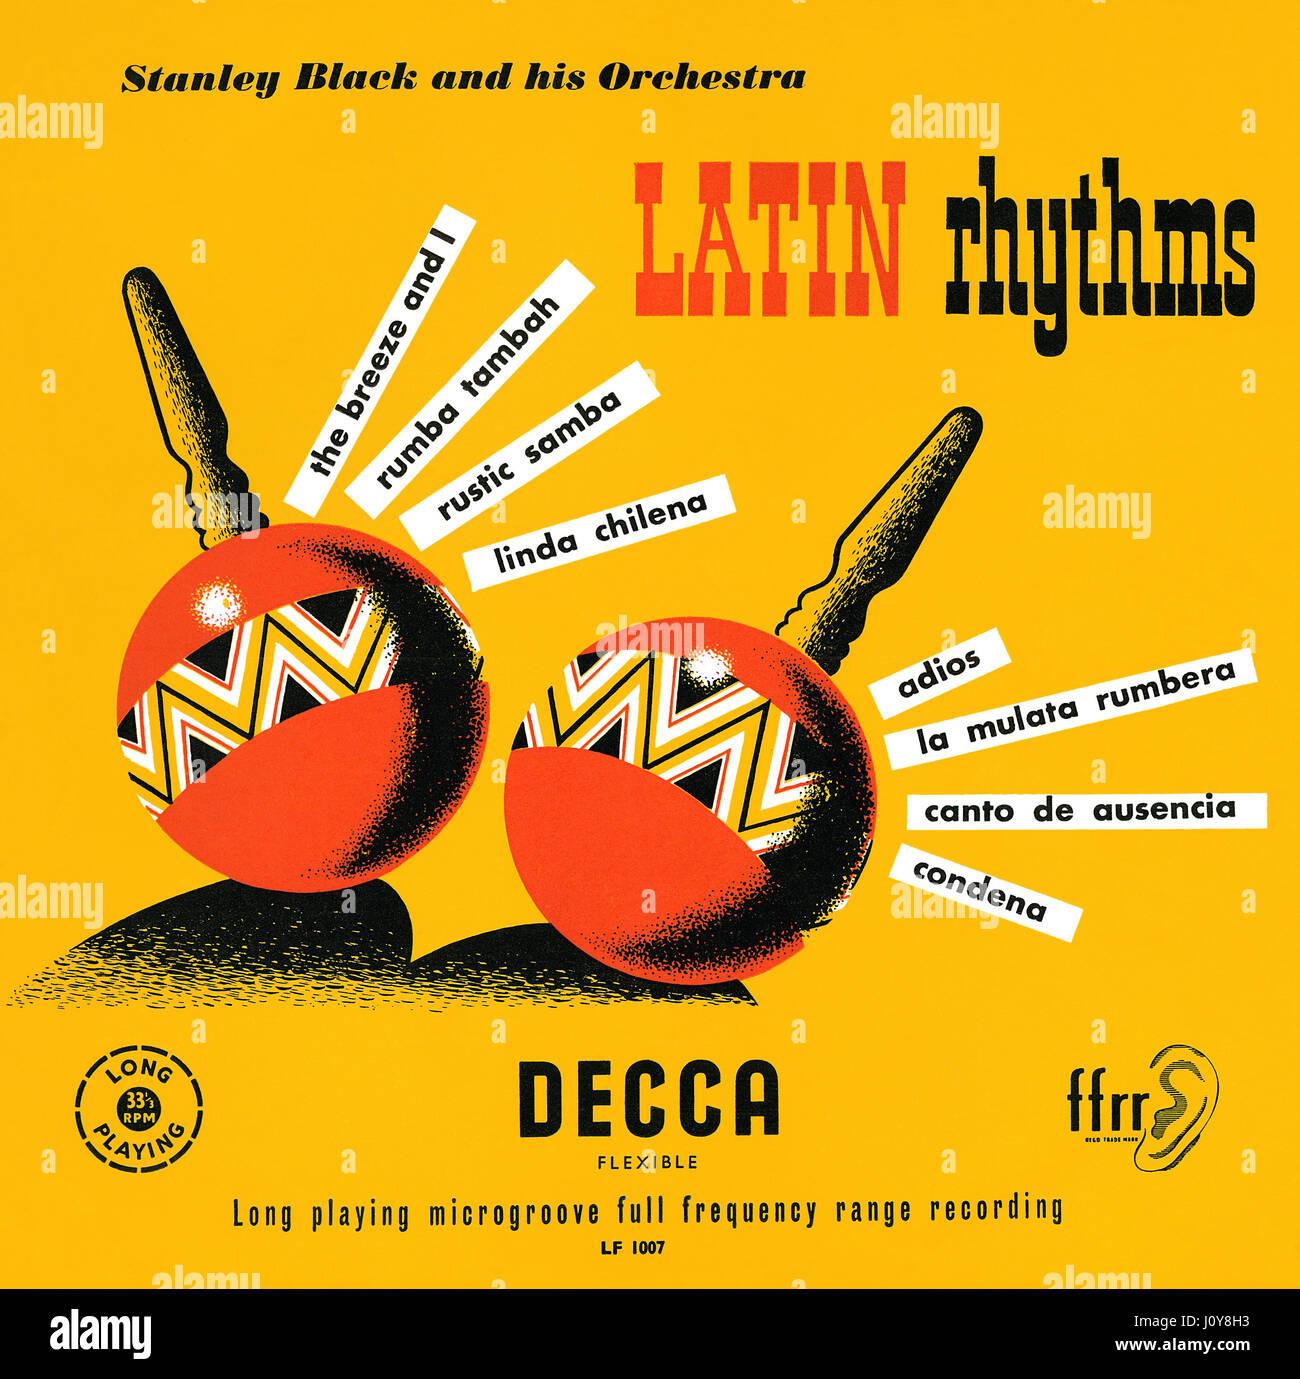 Capot avant de la pochette pour le noir Stanley et son orchestre 10' LP rythmes latino. Cet album est sorti Photo Stock